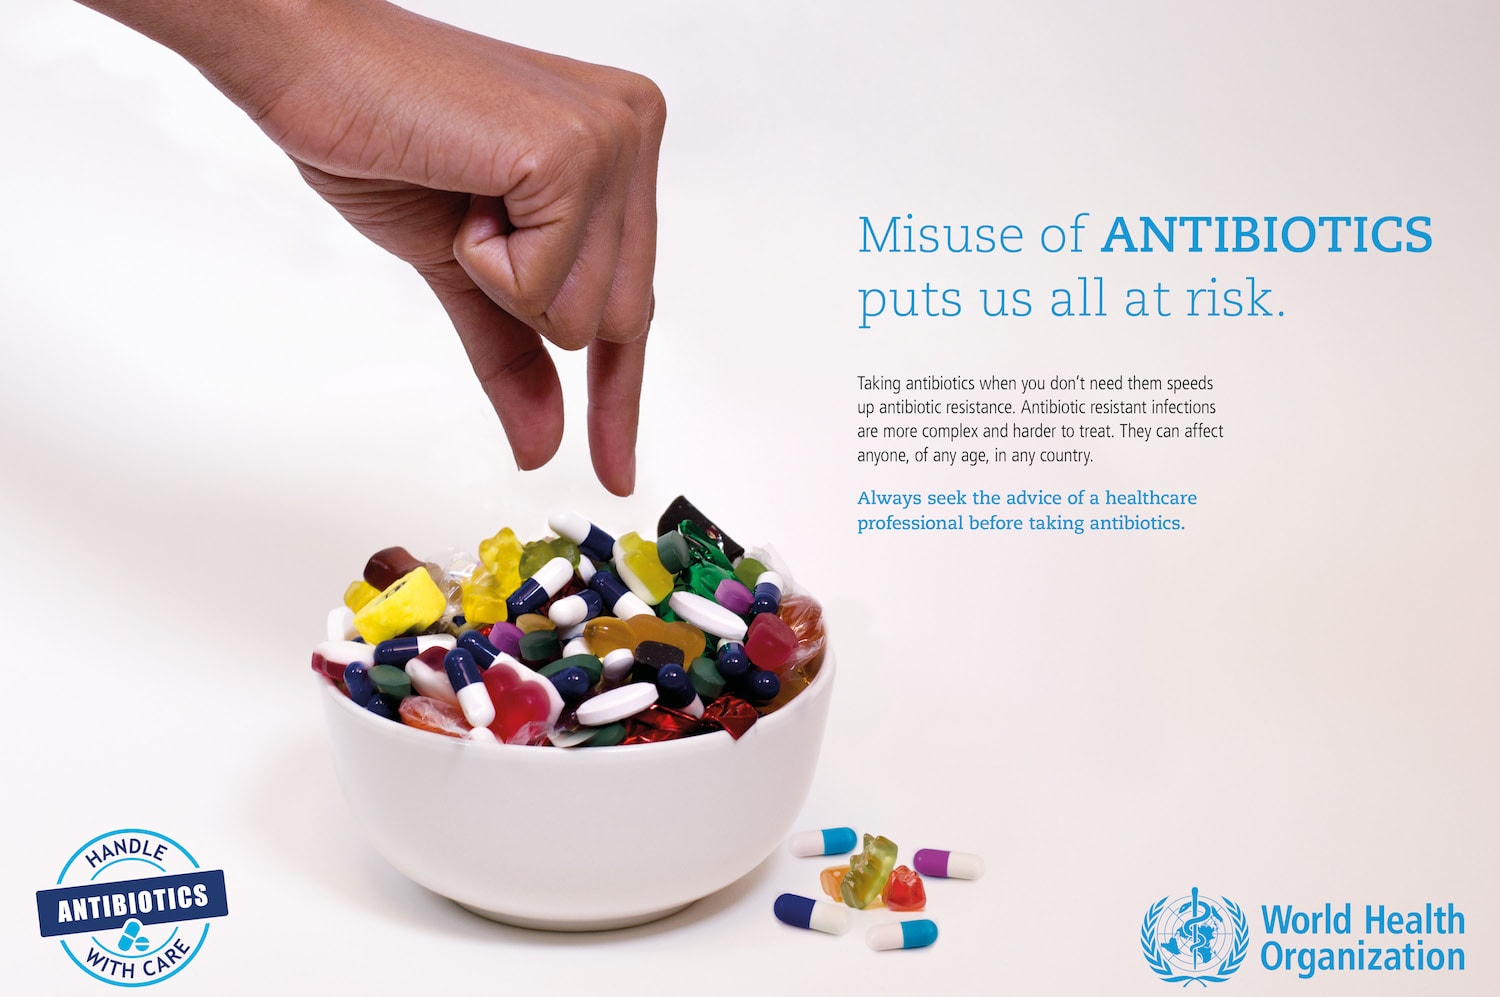 misuseantibiotics